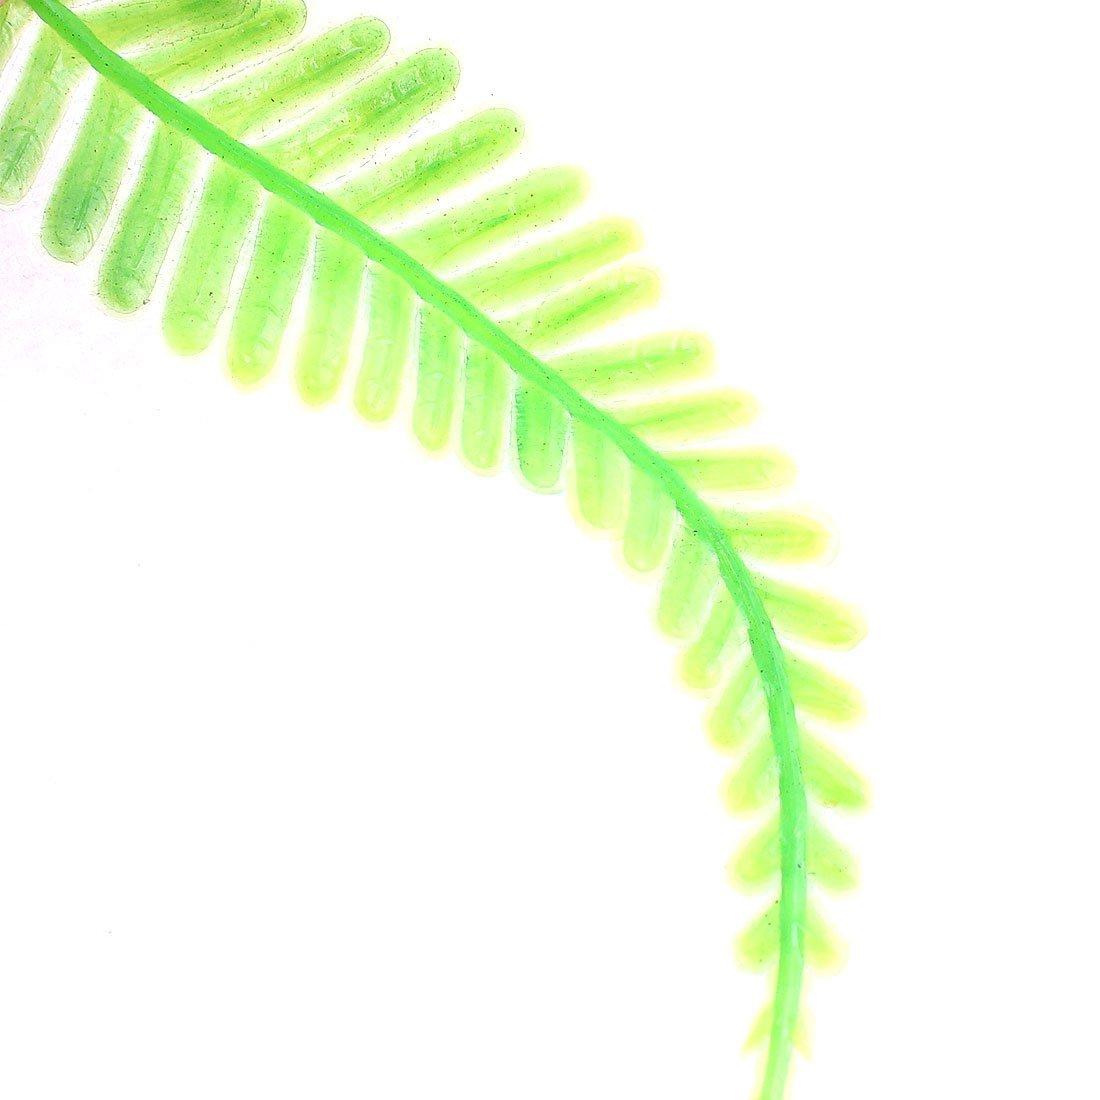 Amazon.com : eDealMax acuario de plástico Artificial Bajo el agua las plantas del jardín de la hierba DE 4 PC : Pet Supplies